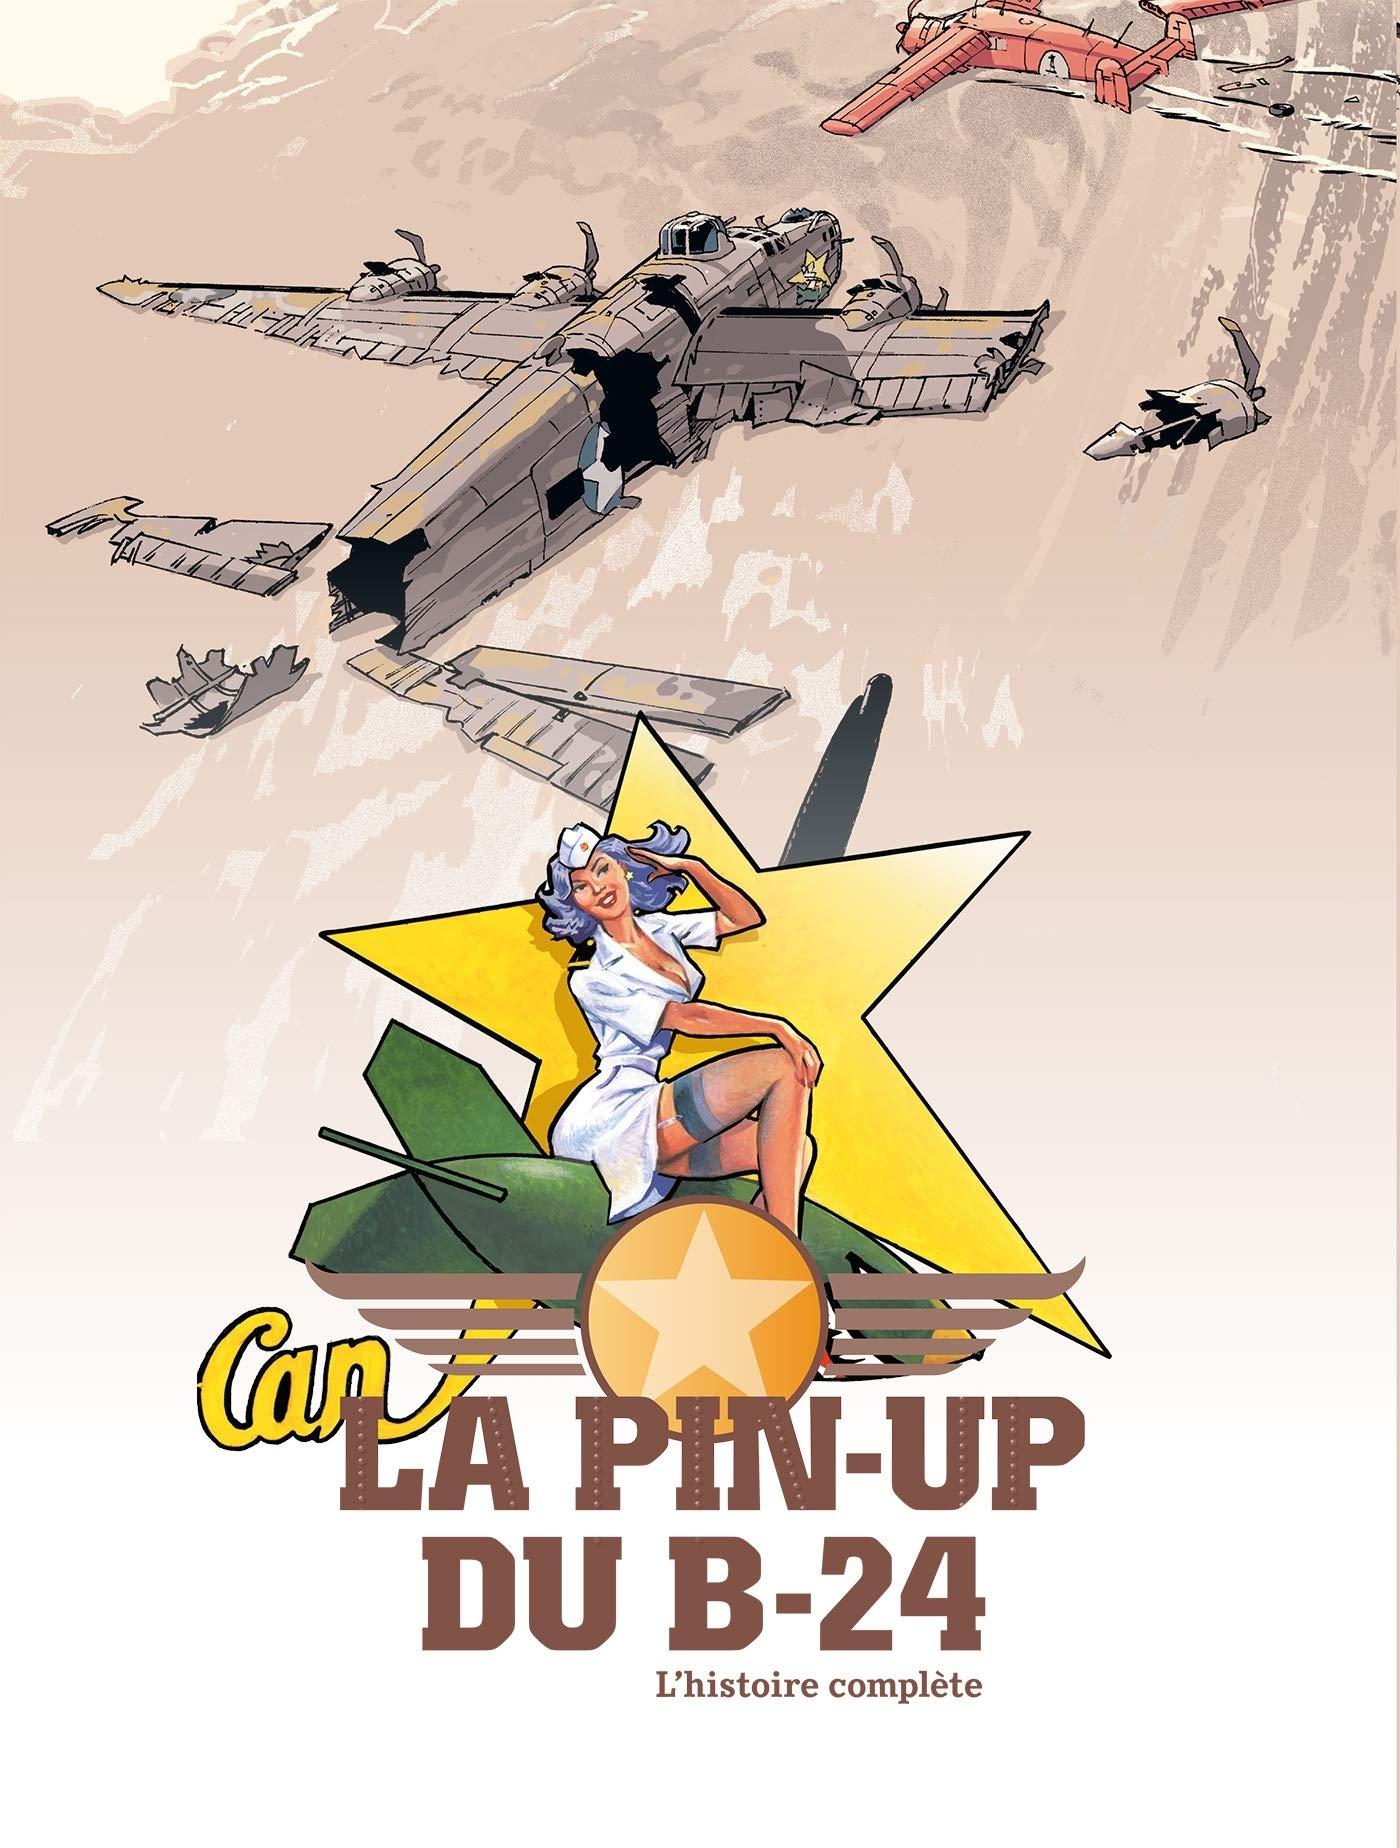 La pin-up du B-24 1 - L'histoire complète